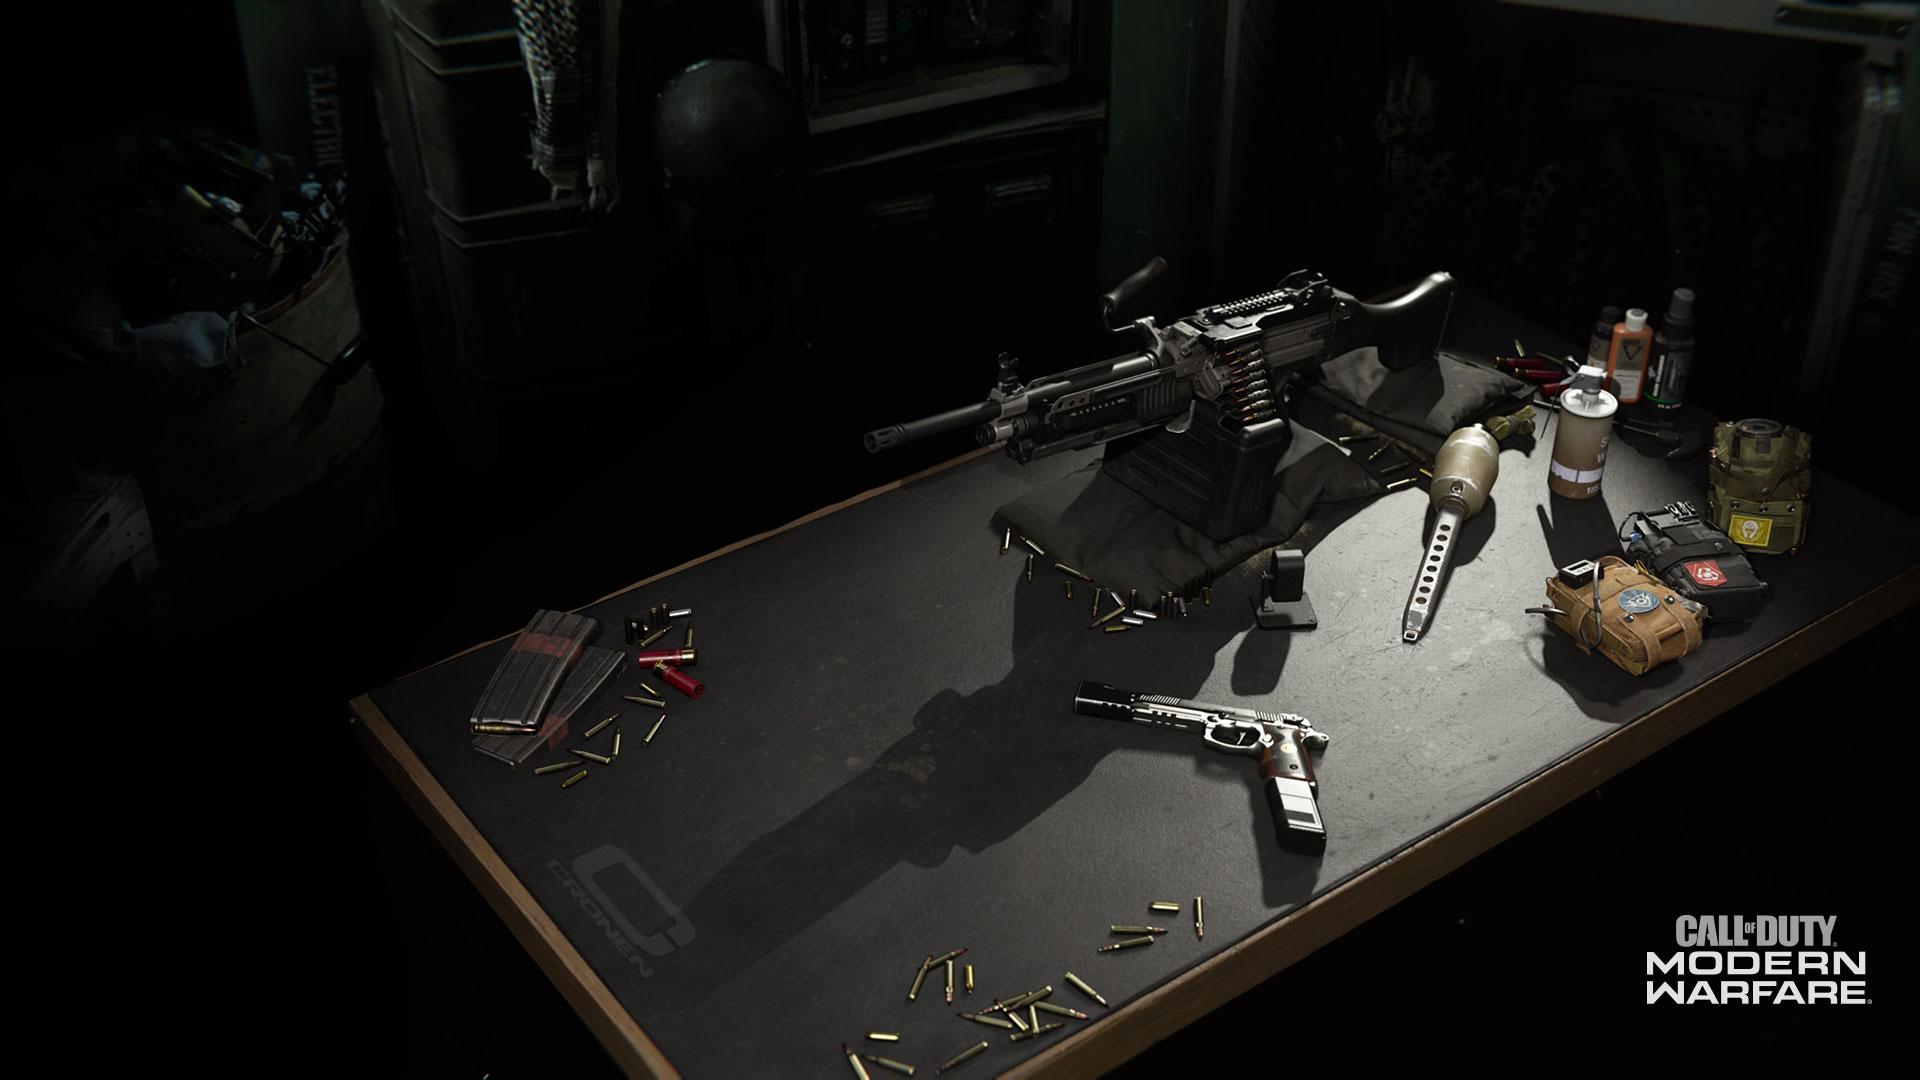 Call of Duty Modern Warfare (2)